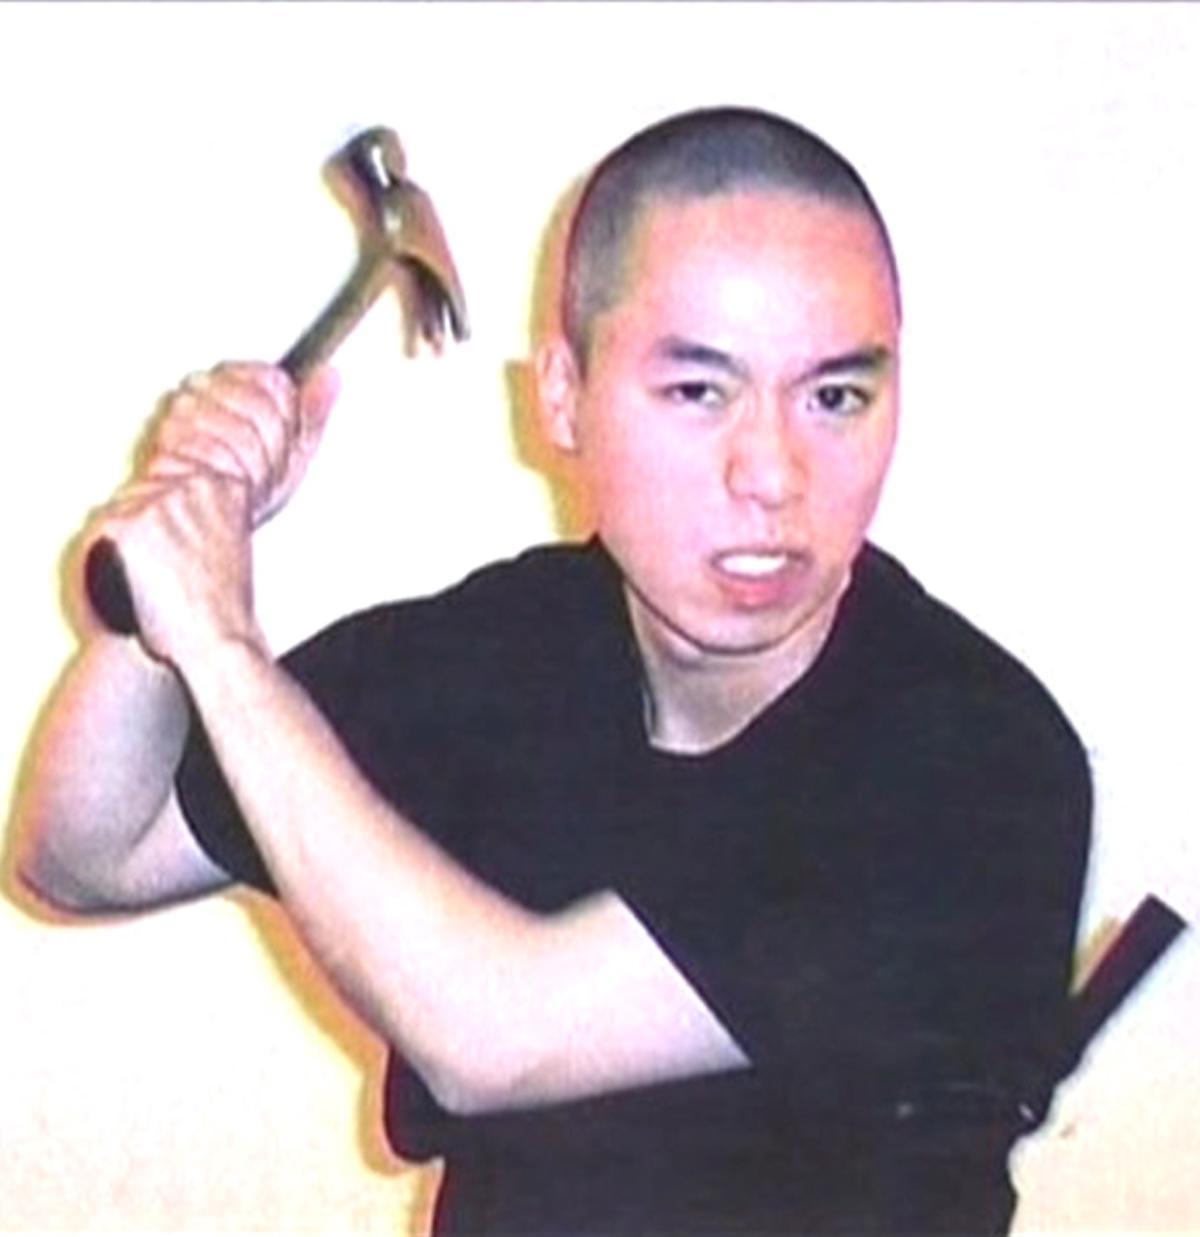 Seung-Hui Cho